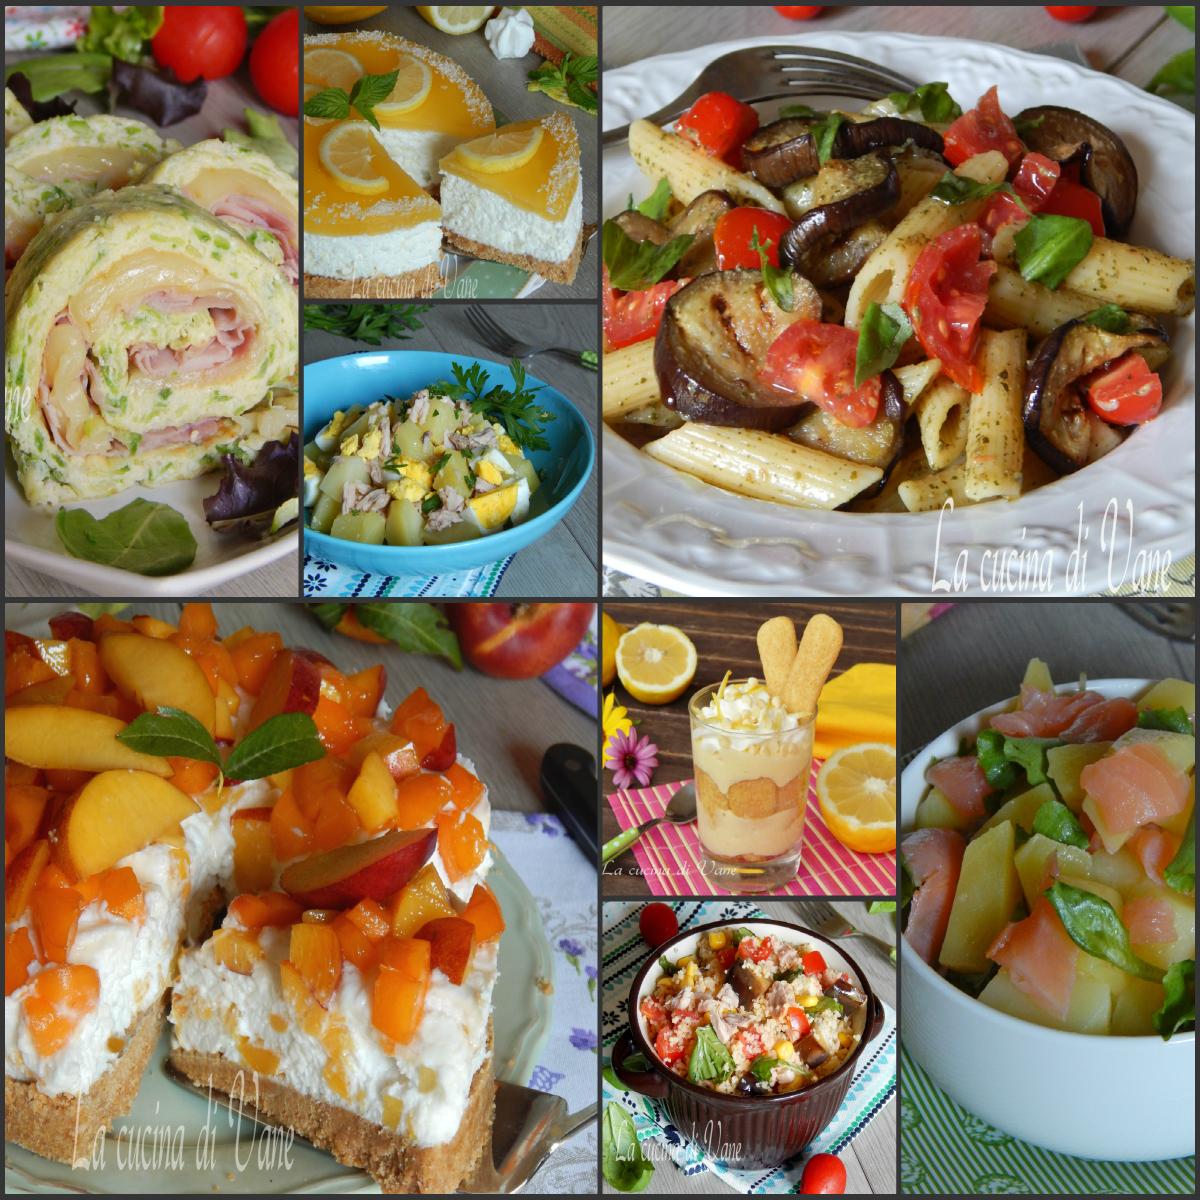 Piatti freddi estivi dall'antipasto al dolce